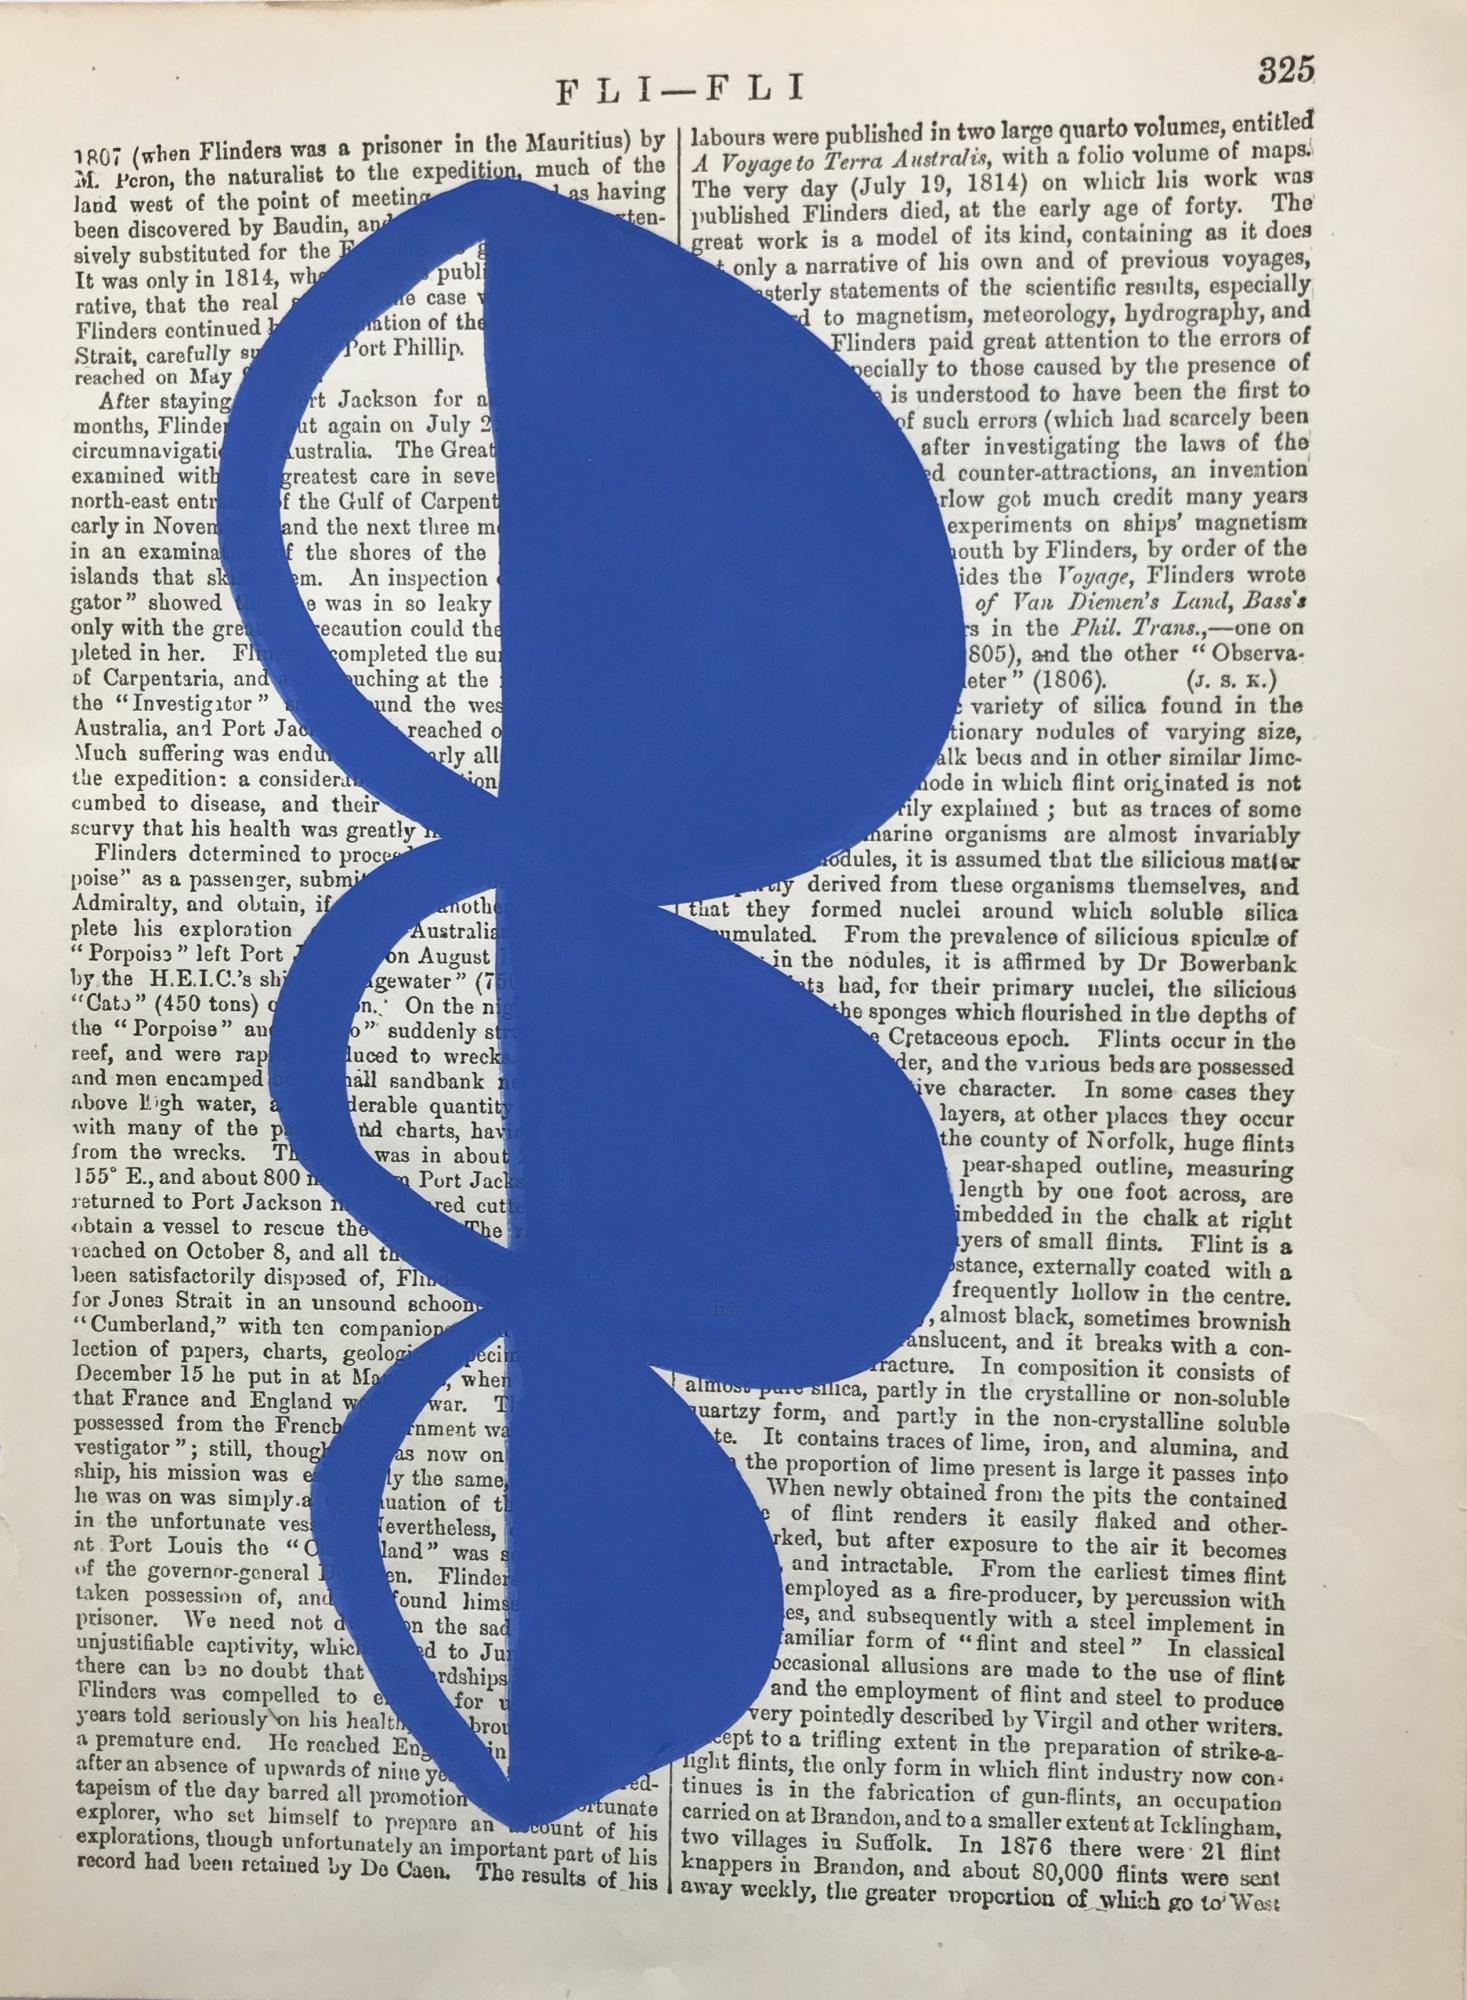 Fli Fli blue 325 by Michela Sorrentino